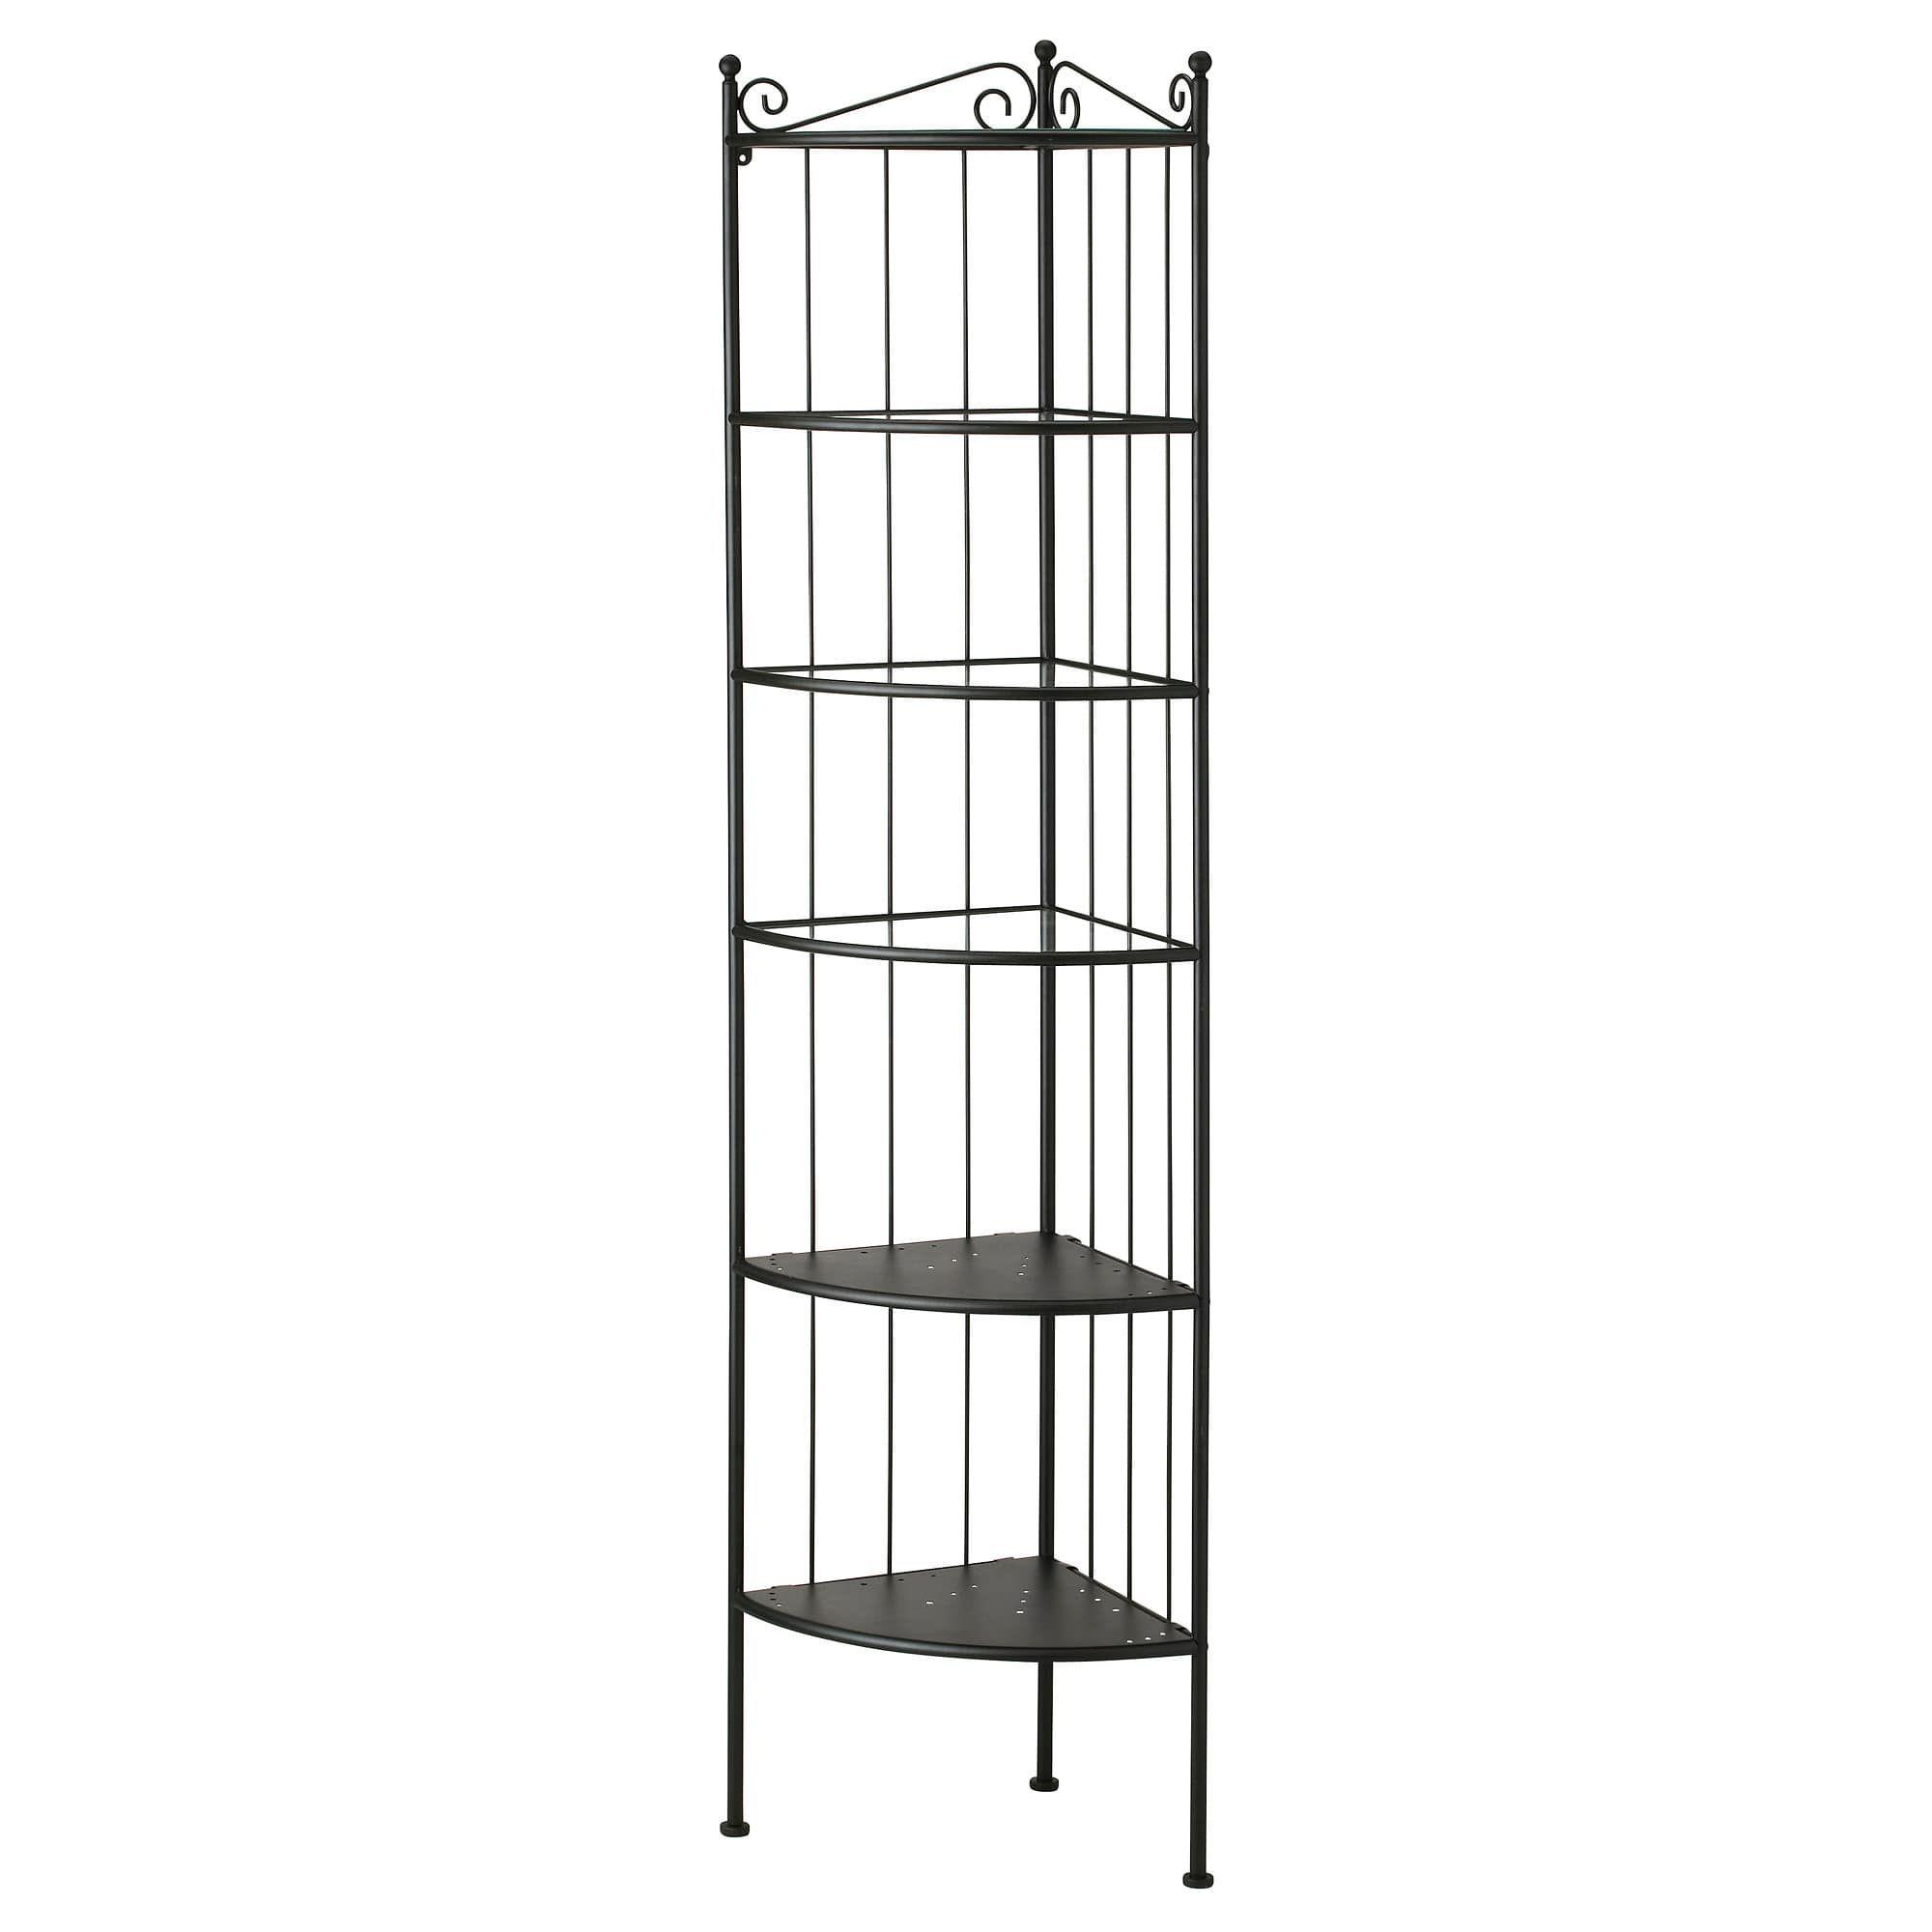 Ikea RÖnnskÄr Corner Shelf Unit Black